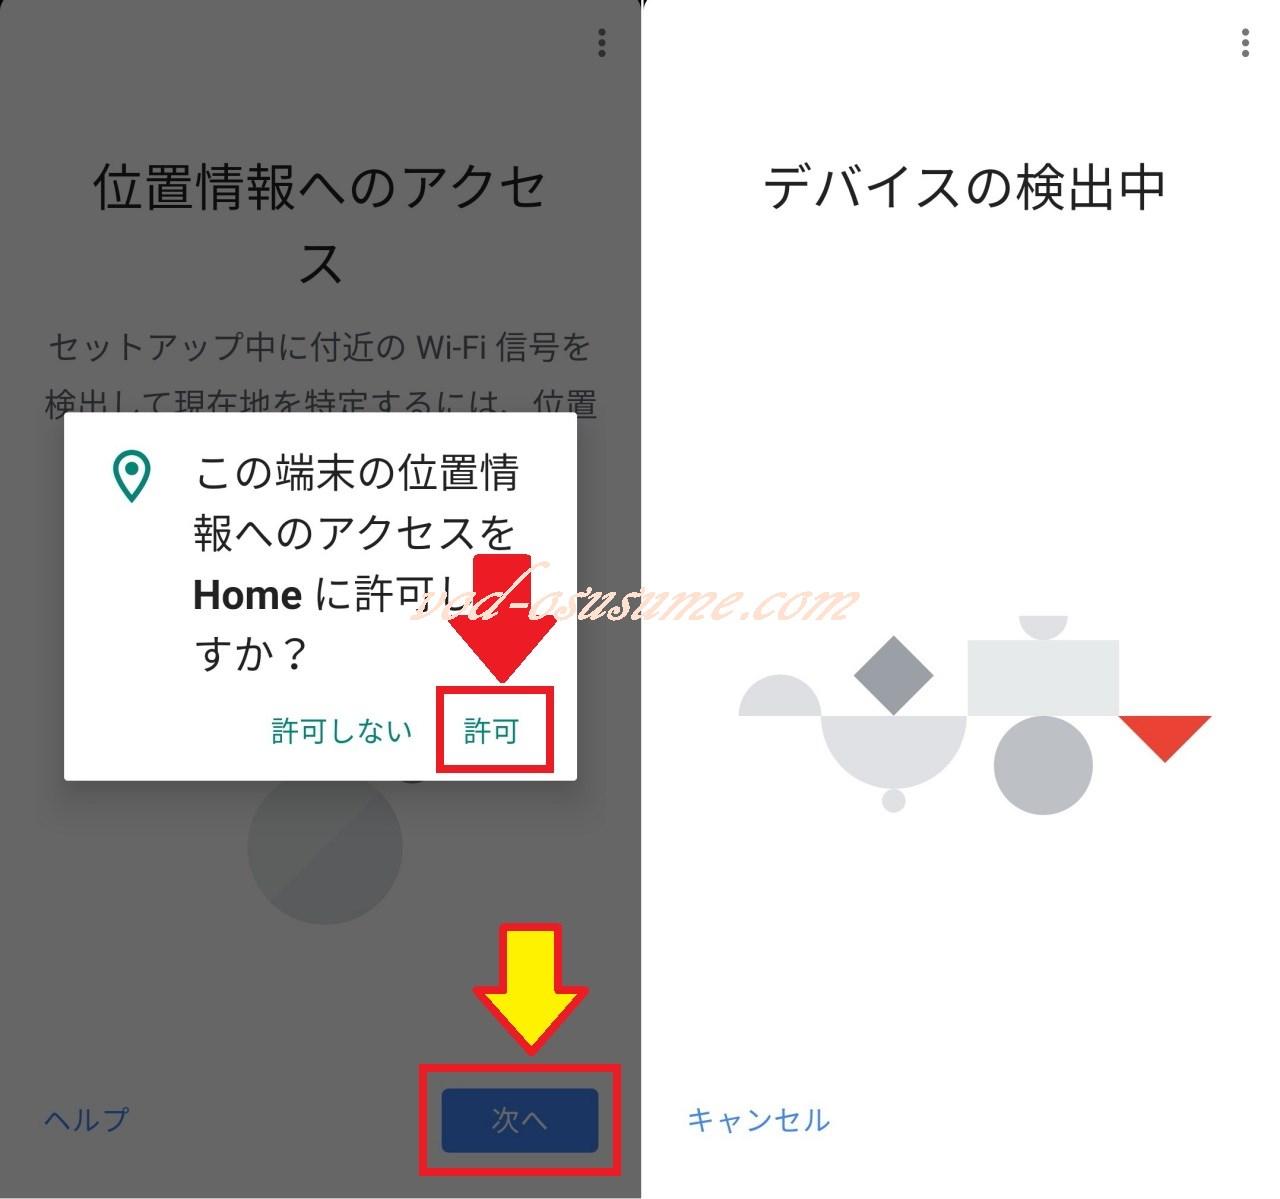 位置情報へのアクセスを許可して「次へ」をタップしたら、Chromecast Ultraの検索が始まる